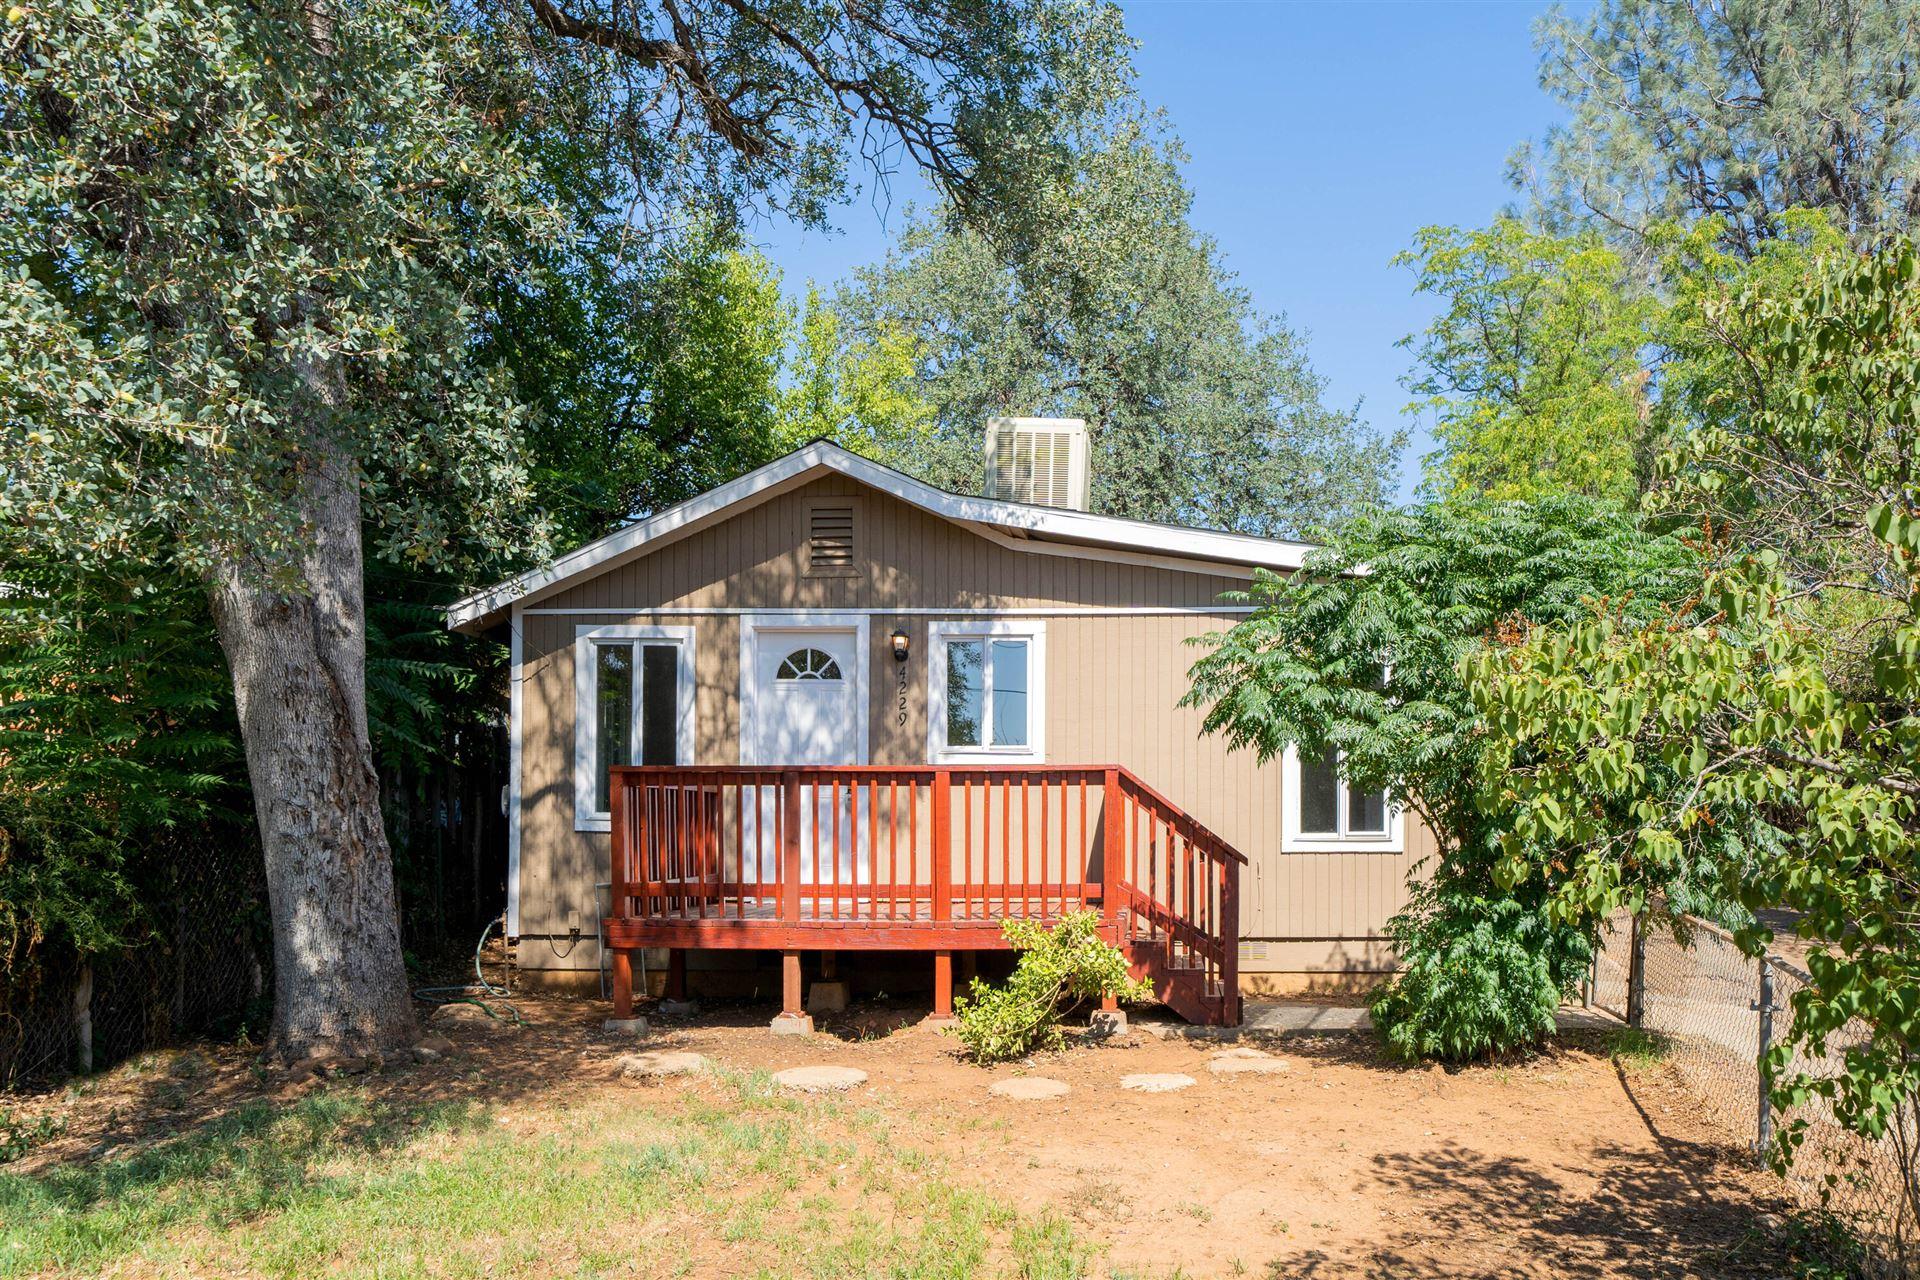 Photo of 4229 Chico St, Shasta Lake, CA 96019 (MLS # 21-4436)